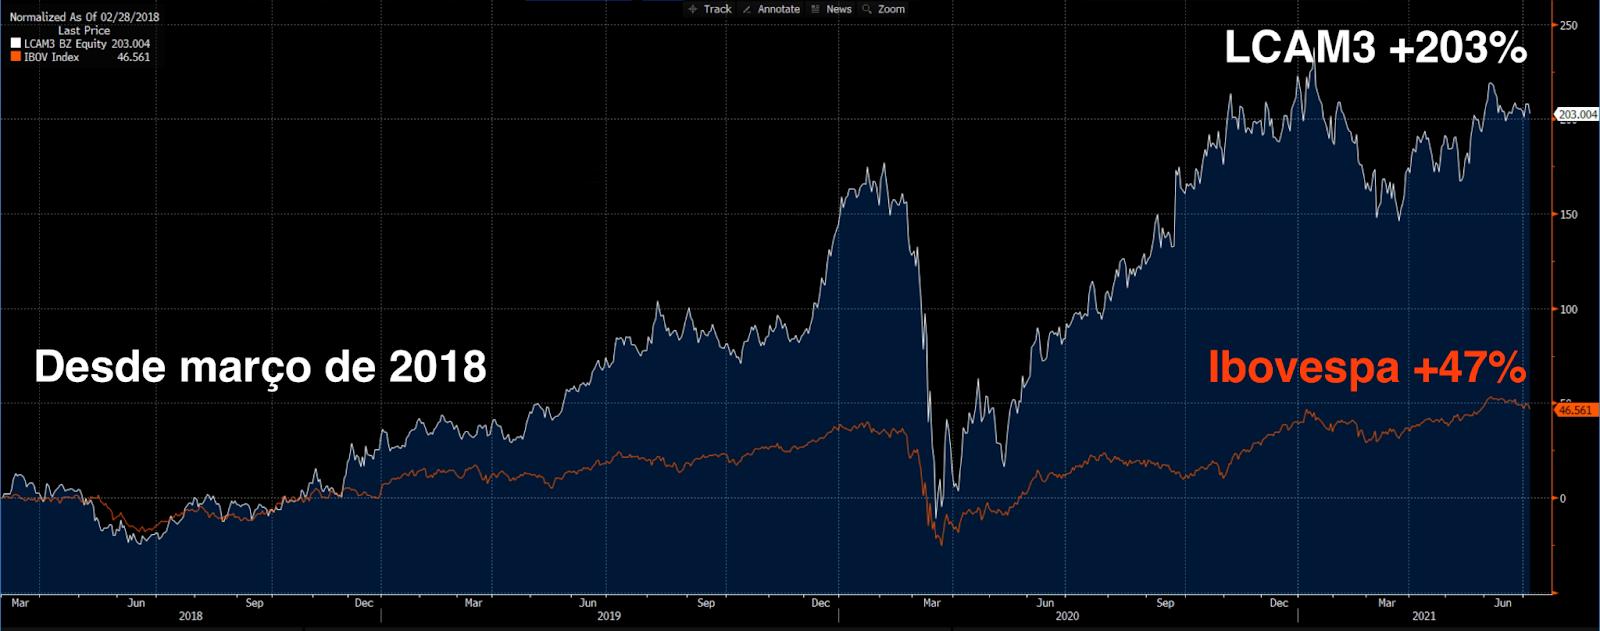 Desde março de 2018: LCAM3 +203% e Ibovespa +47%.